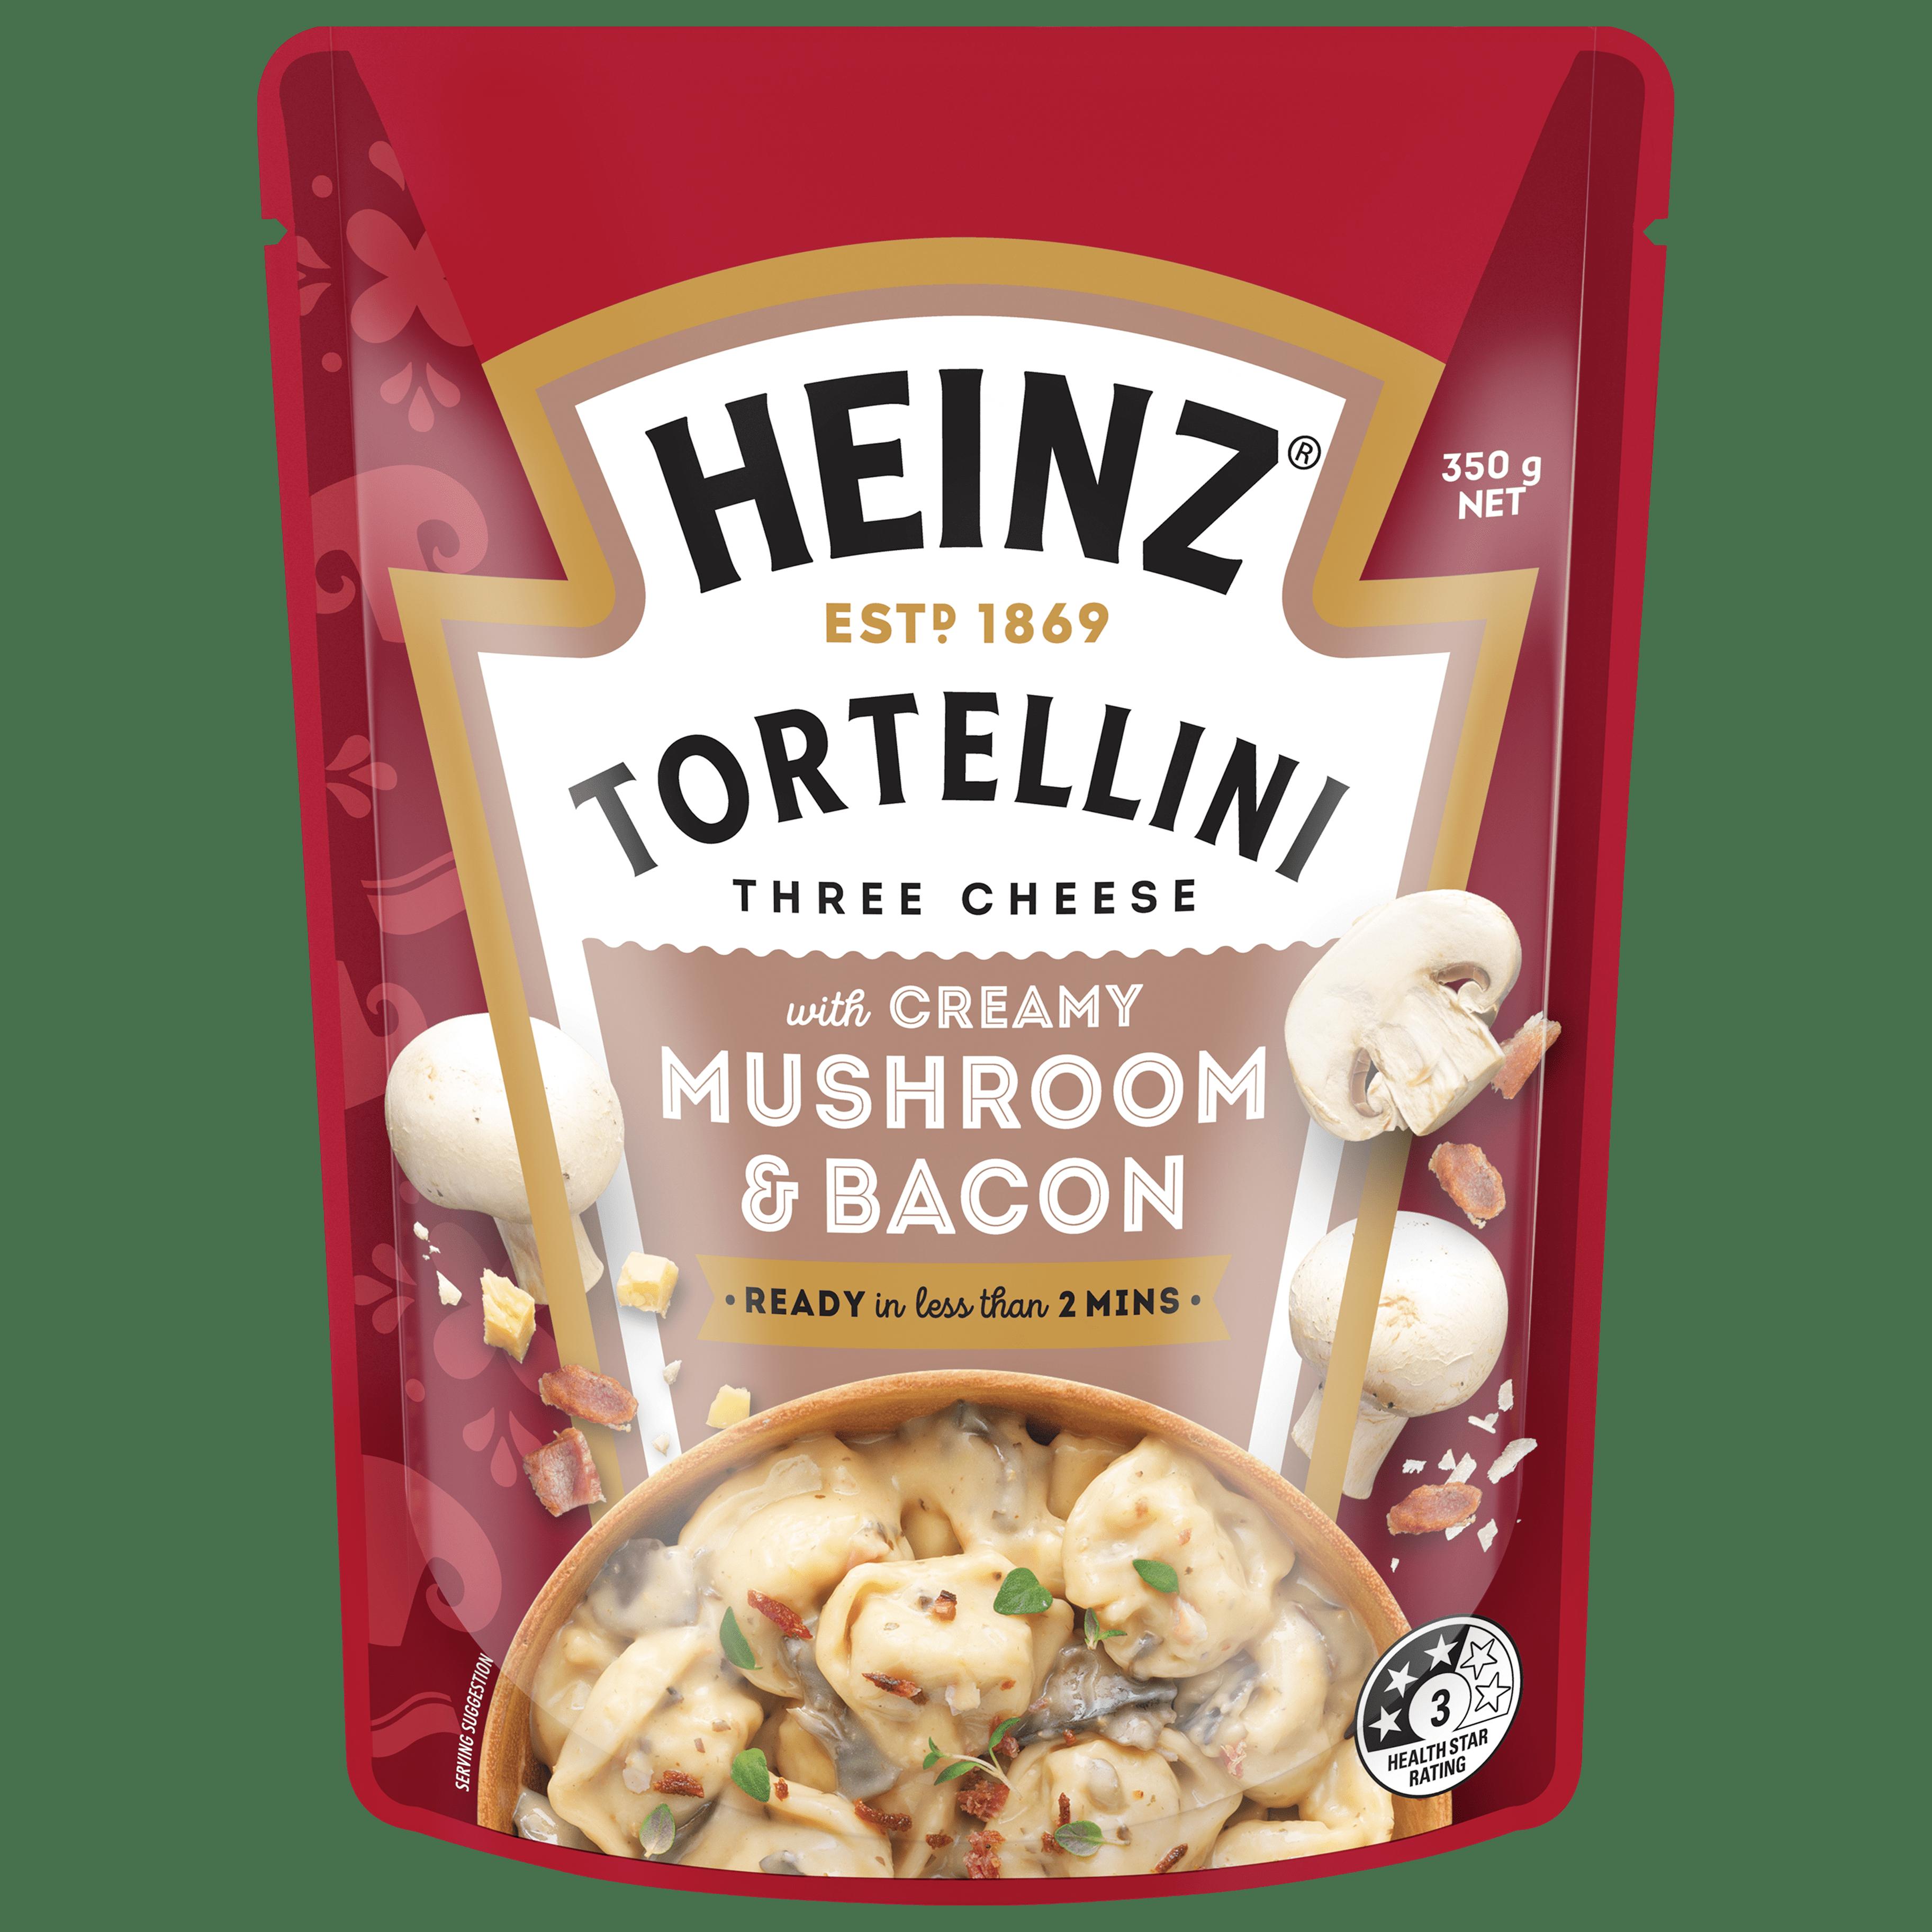 TORTELLINI CREAMY MUSHROOM